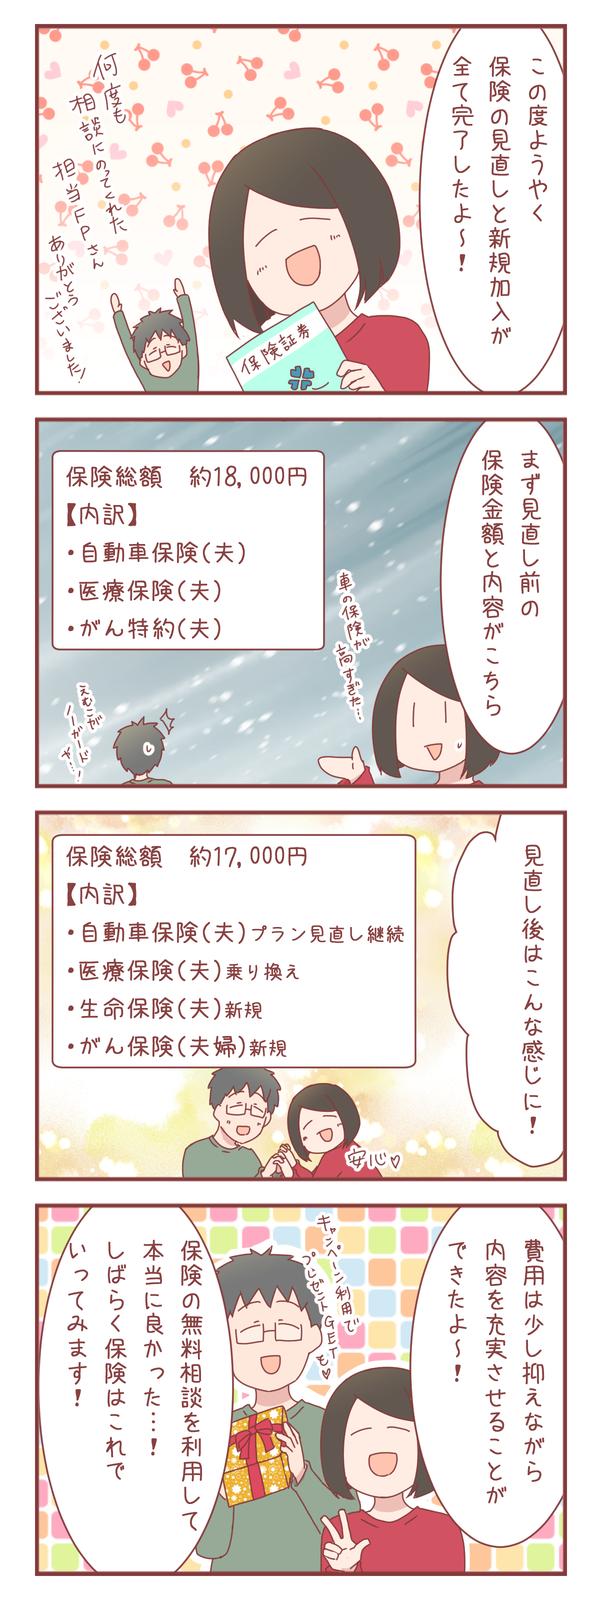 【めっちゃお得に】保険の見直しと新規加入が完了したよ~!